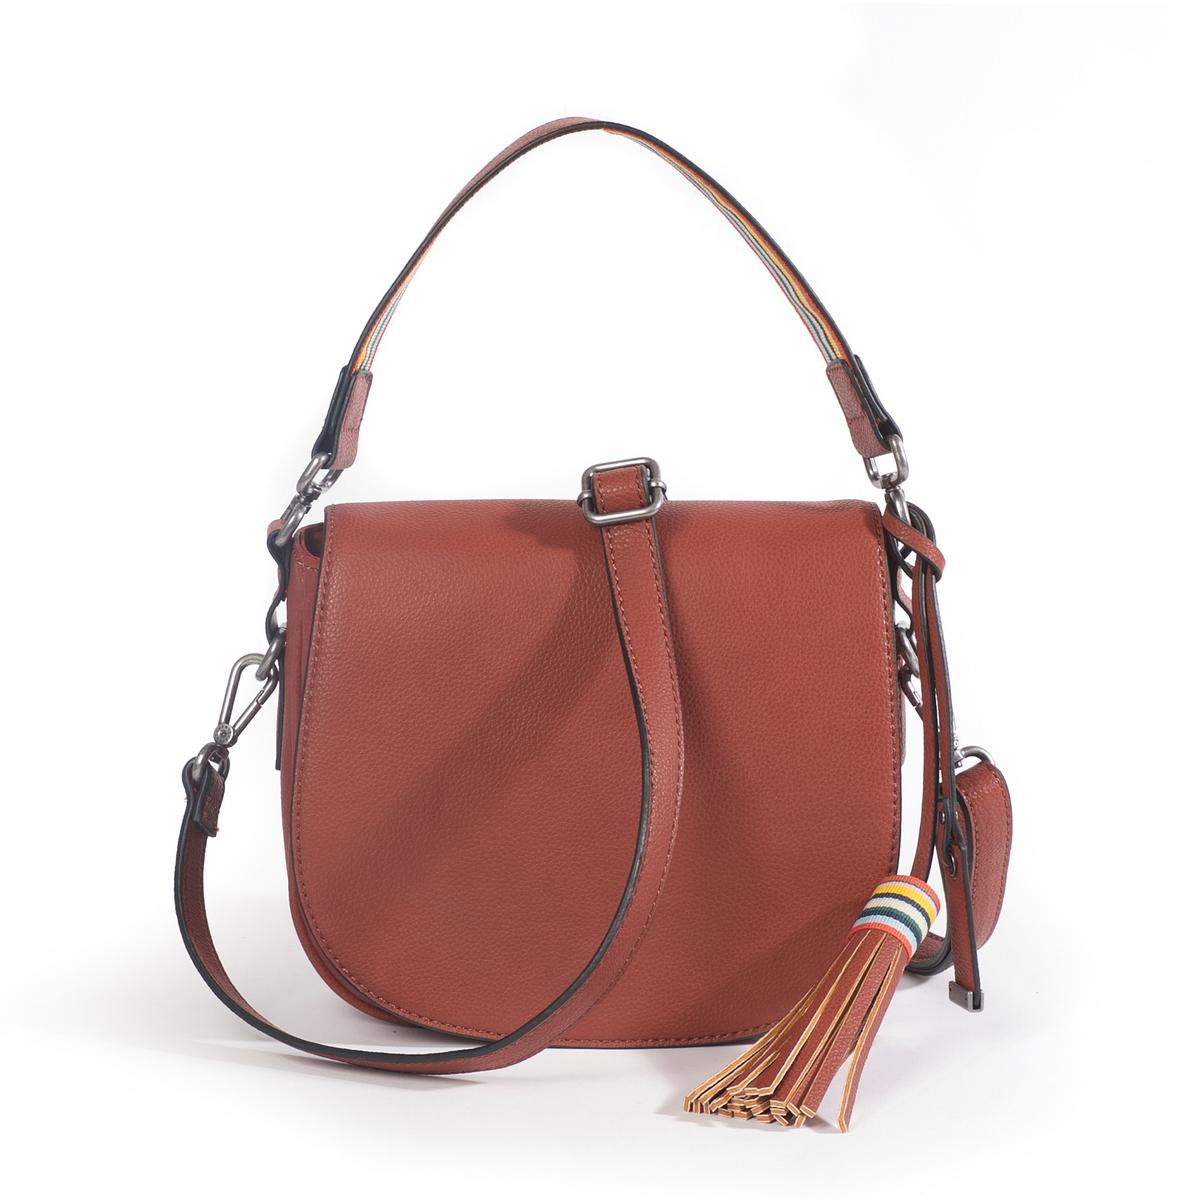 Сумка с плечевым ремнем Wendy сумка esprit cc6010f 469